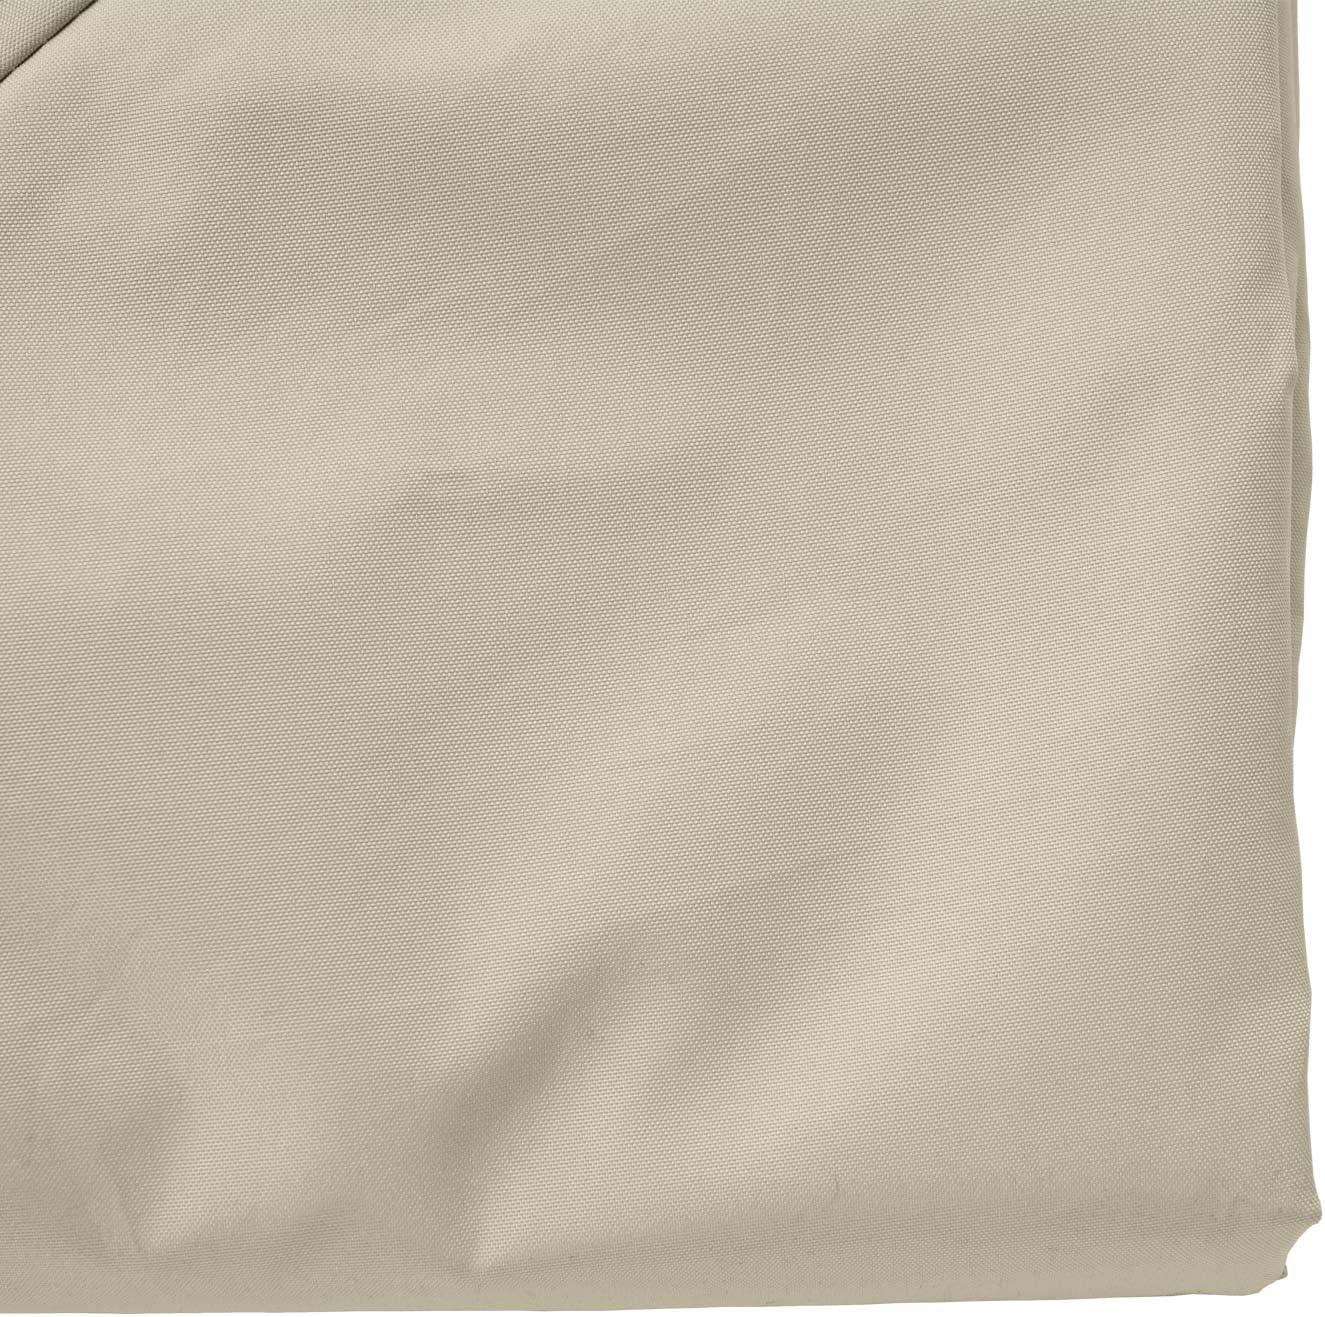 Mendler Telo di Ricambio Copertura Tetto per Gazebo HWC-C44 Poliestere 265x365cm Avorio